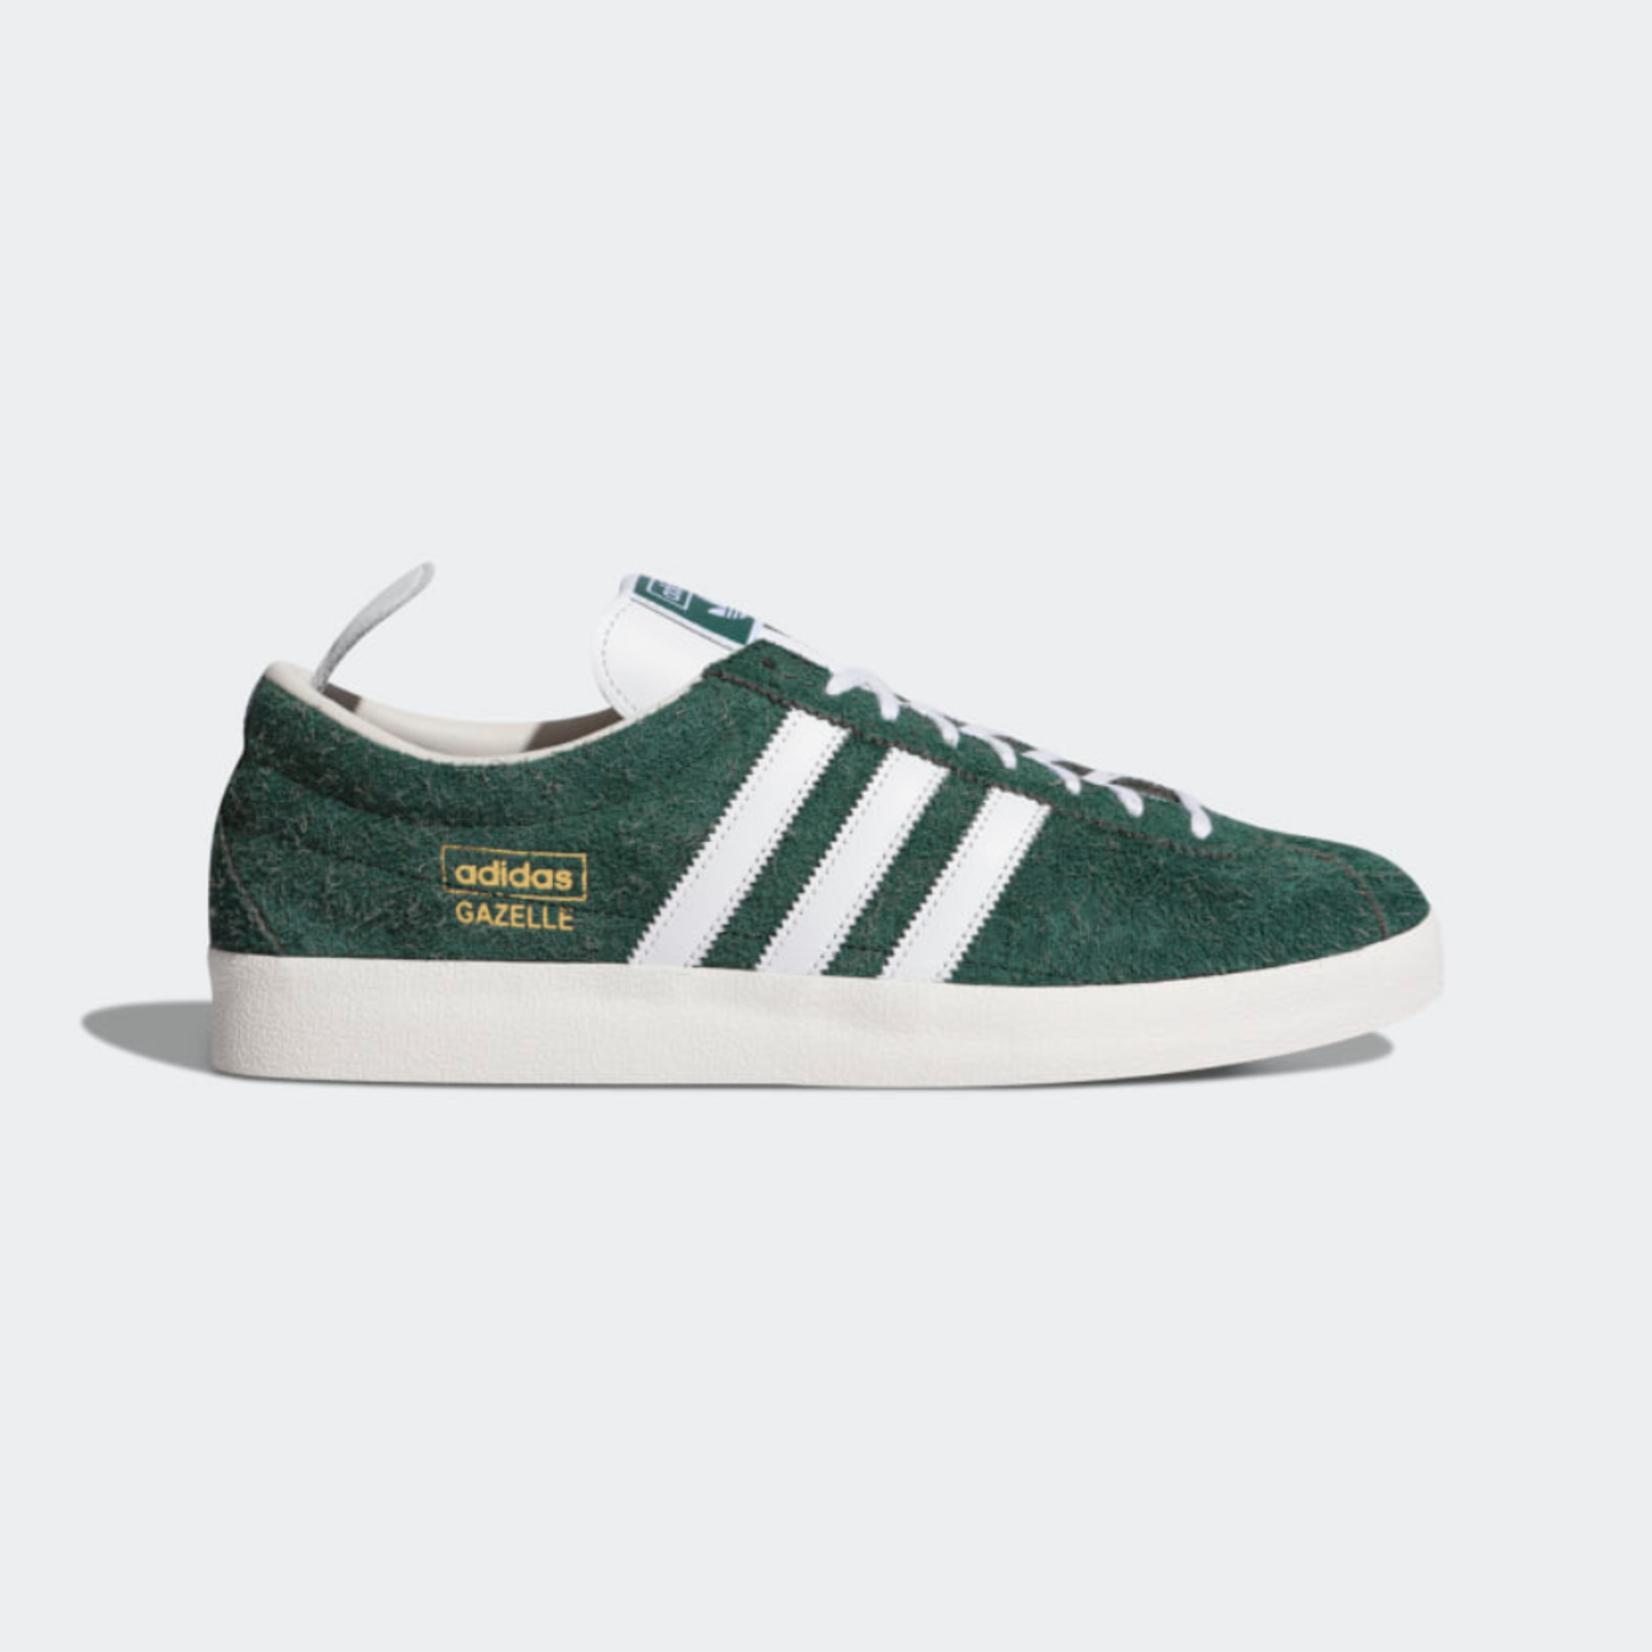 Adidas Gazelle Vintage Green/Ftwwht